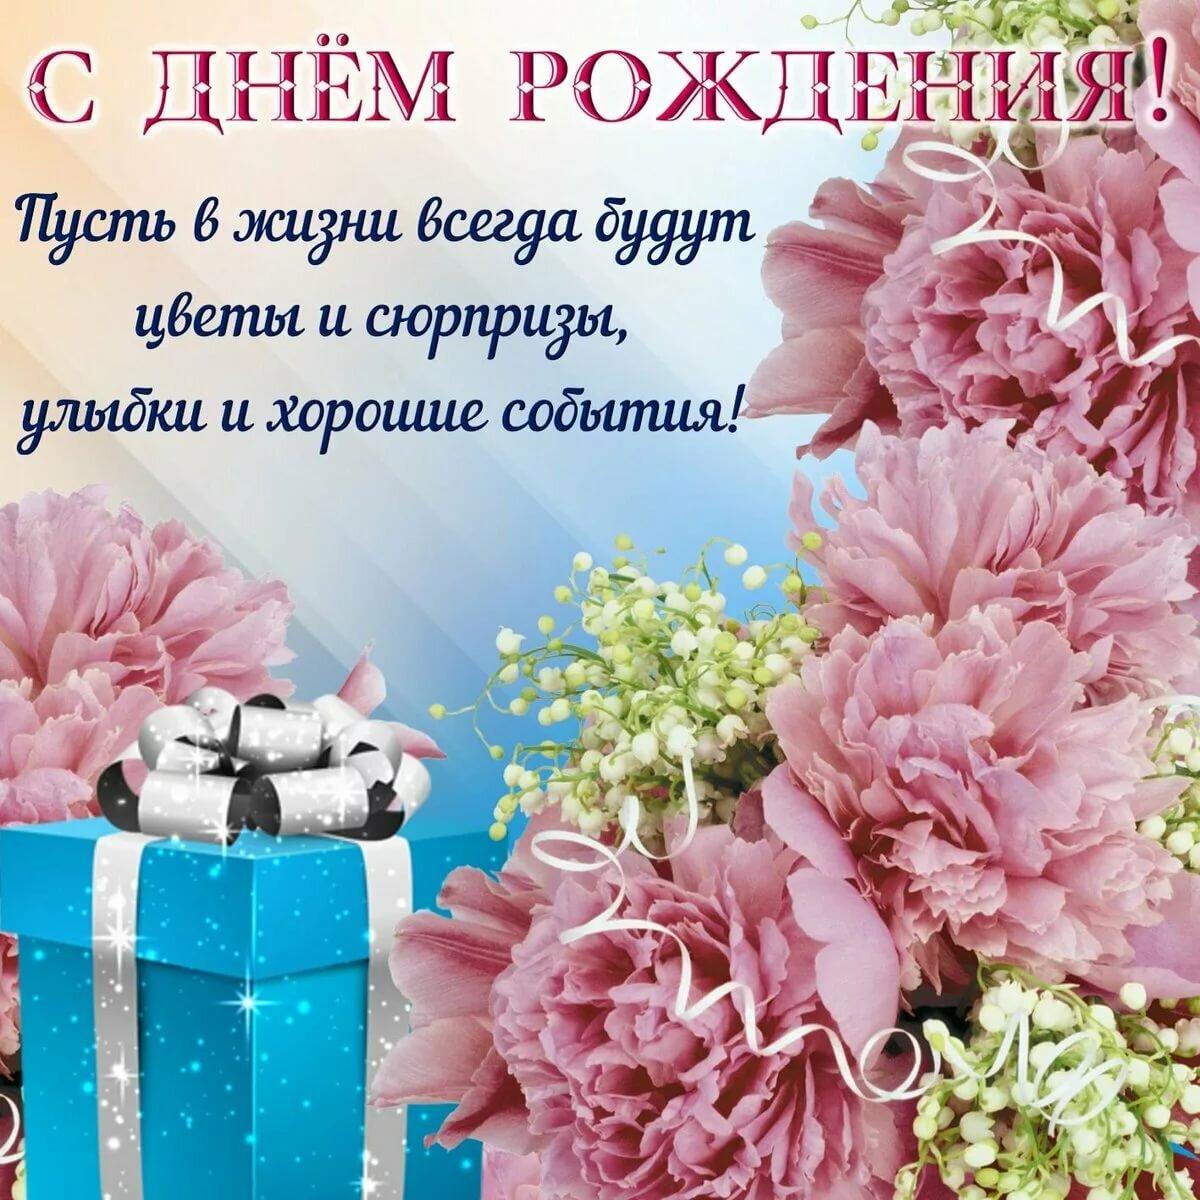 людмила васильевна с днем рождения открытки с днем рождения фотография